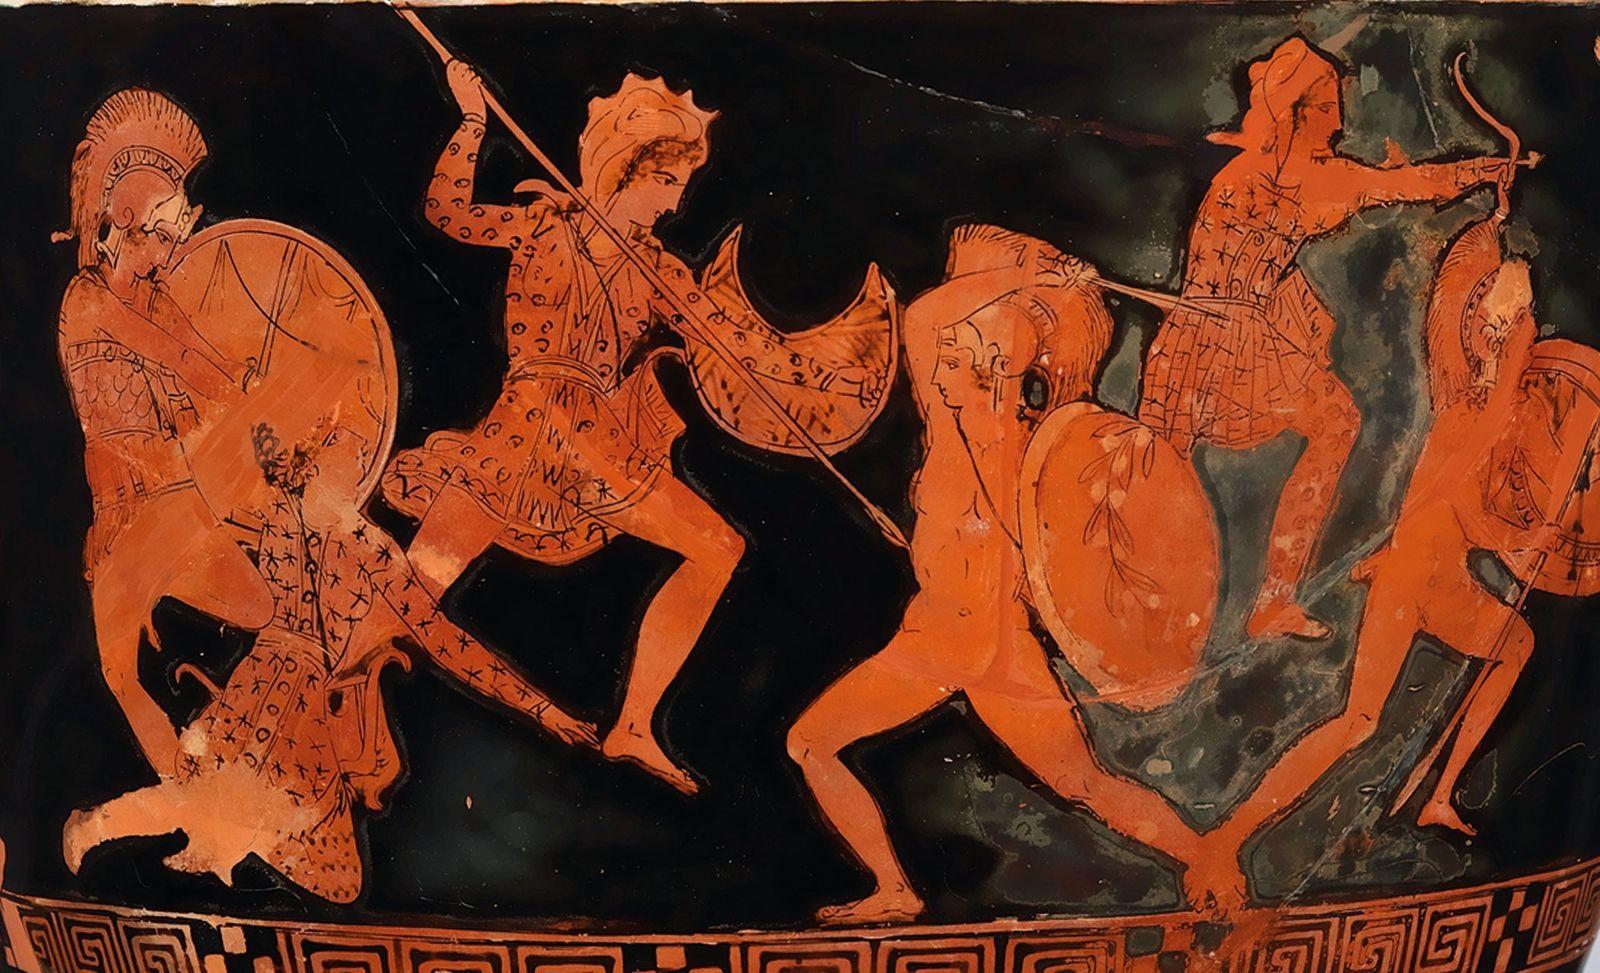 Mythologie : les fières Amazones ont bel et bien existé